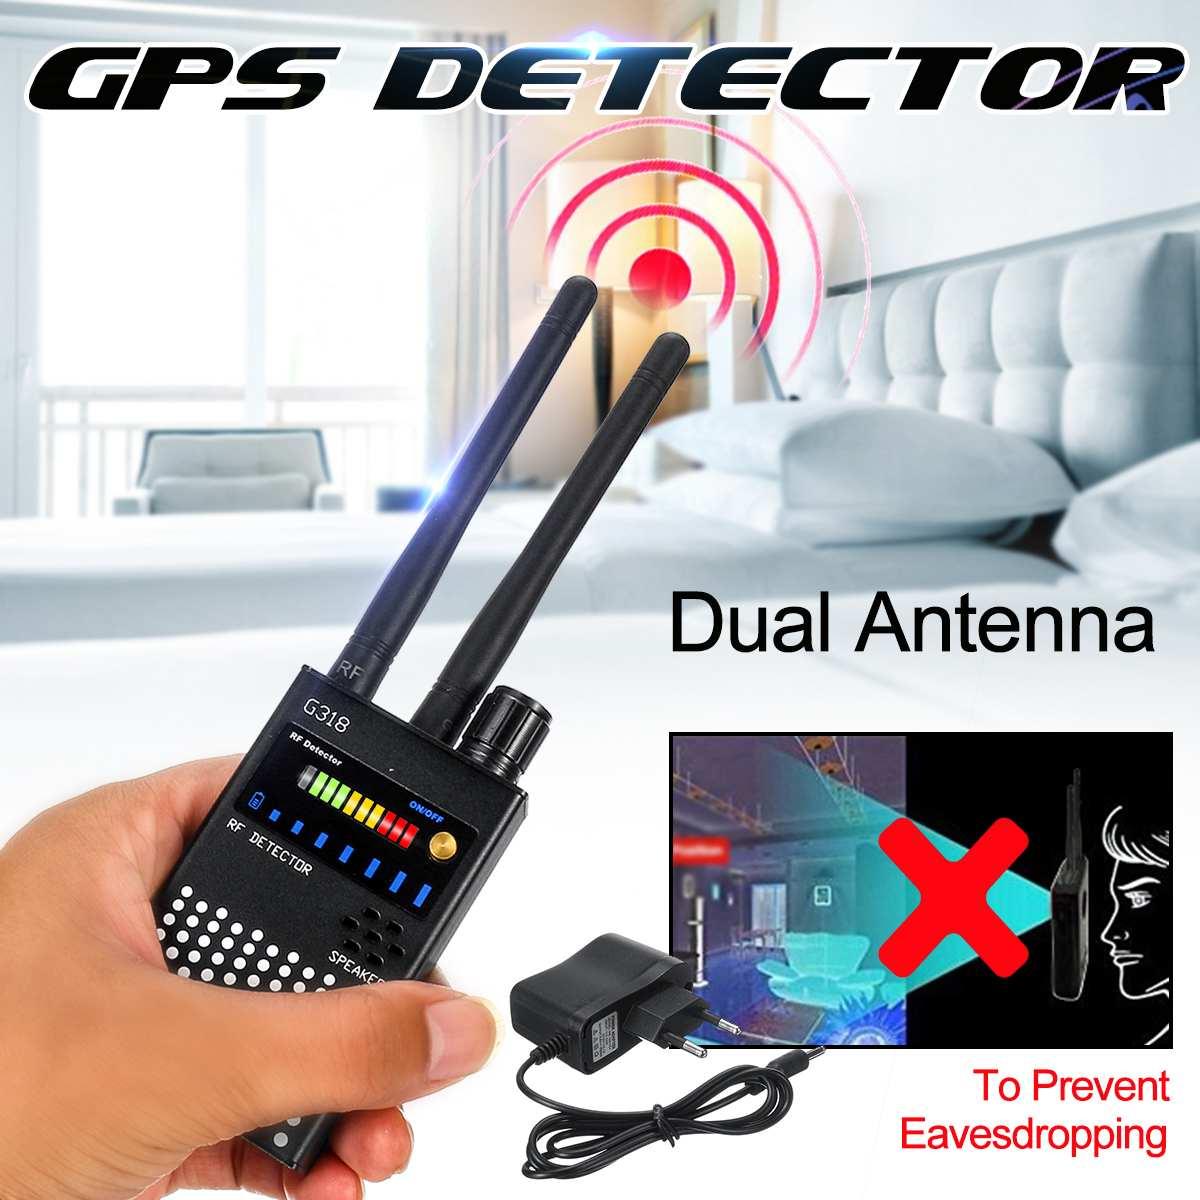 G318A double antenne Anti-espion GPS Signal sans fil détecteur automatique détecteur racker fréquence balayage balayeuse protéger la sécurité